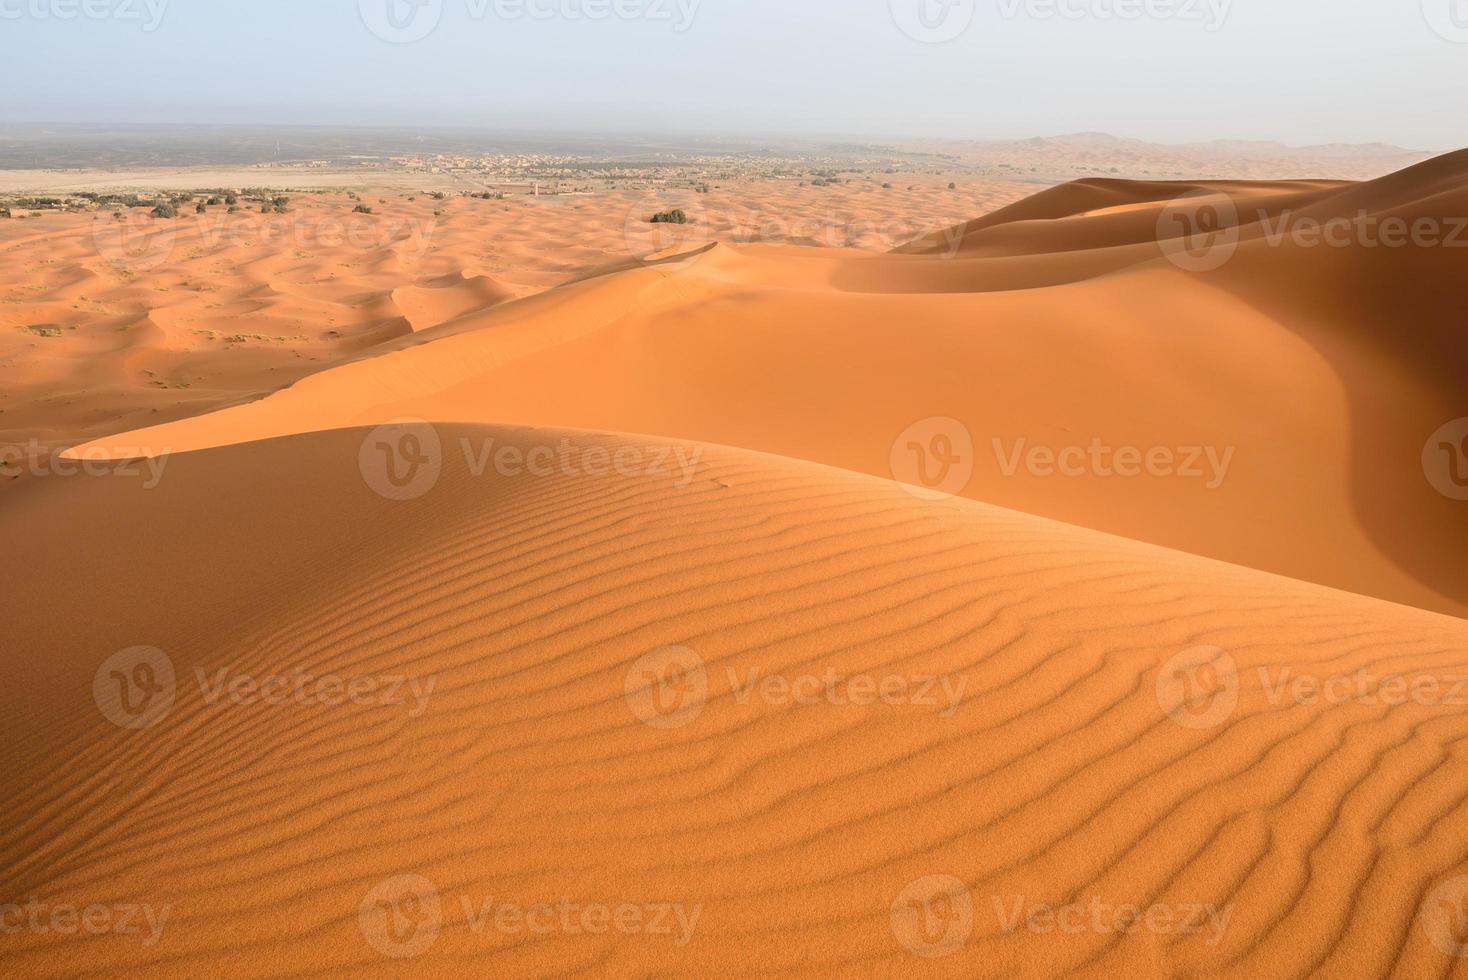 zandduinen in de Saharawoestijn, Merzouga, Marokko foto